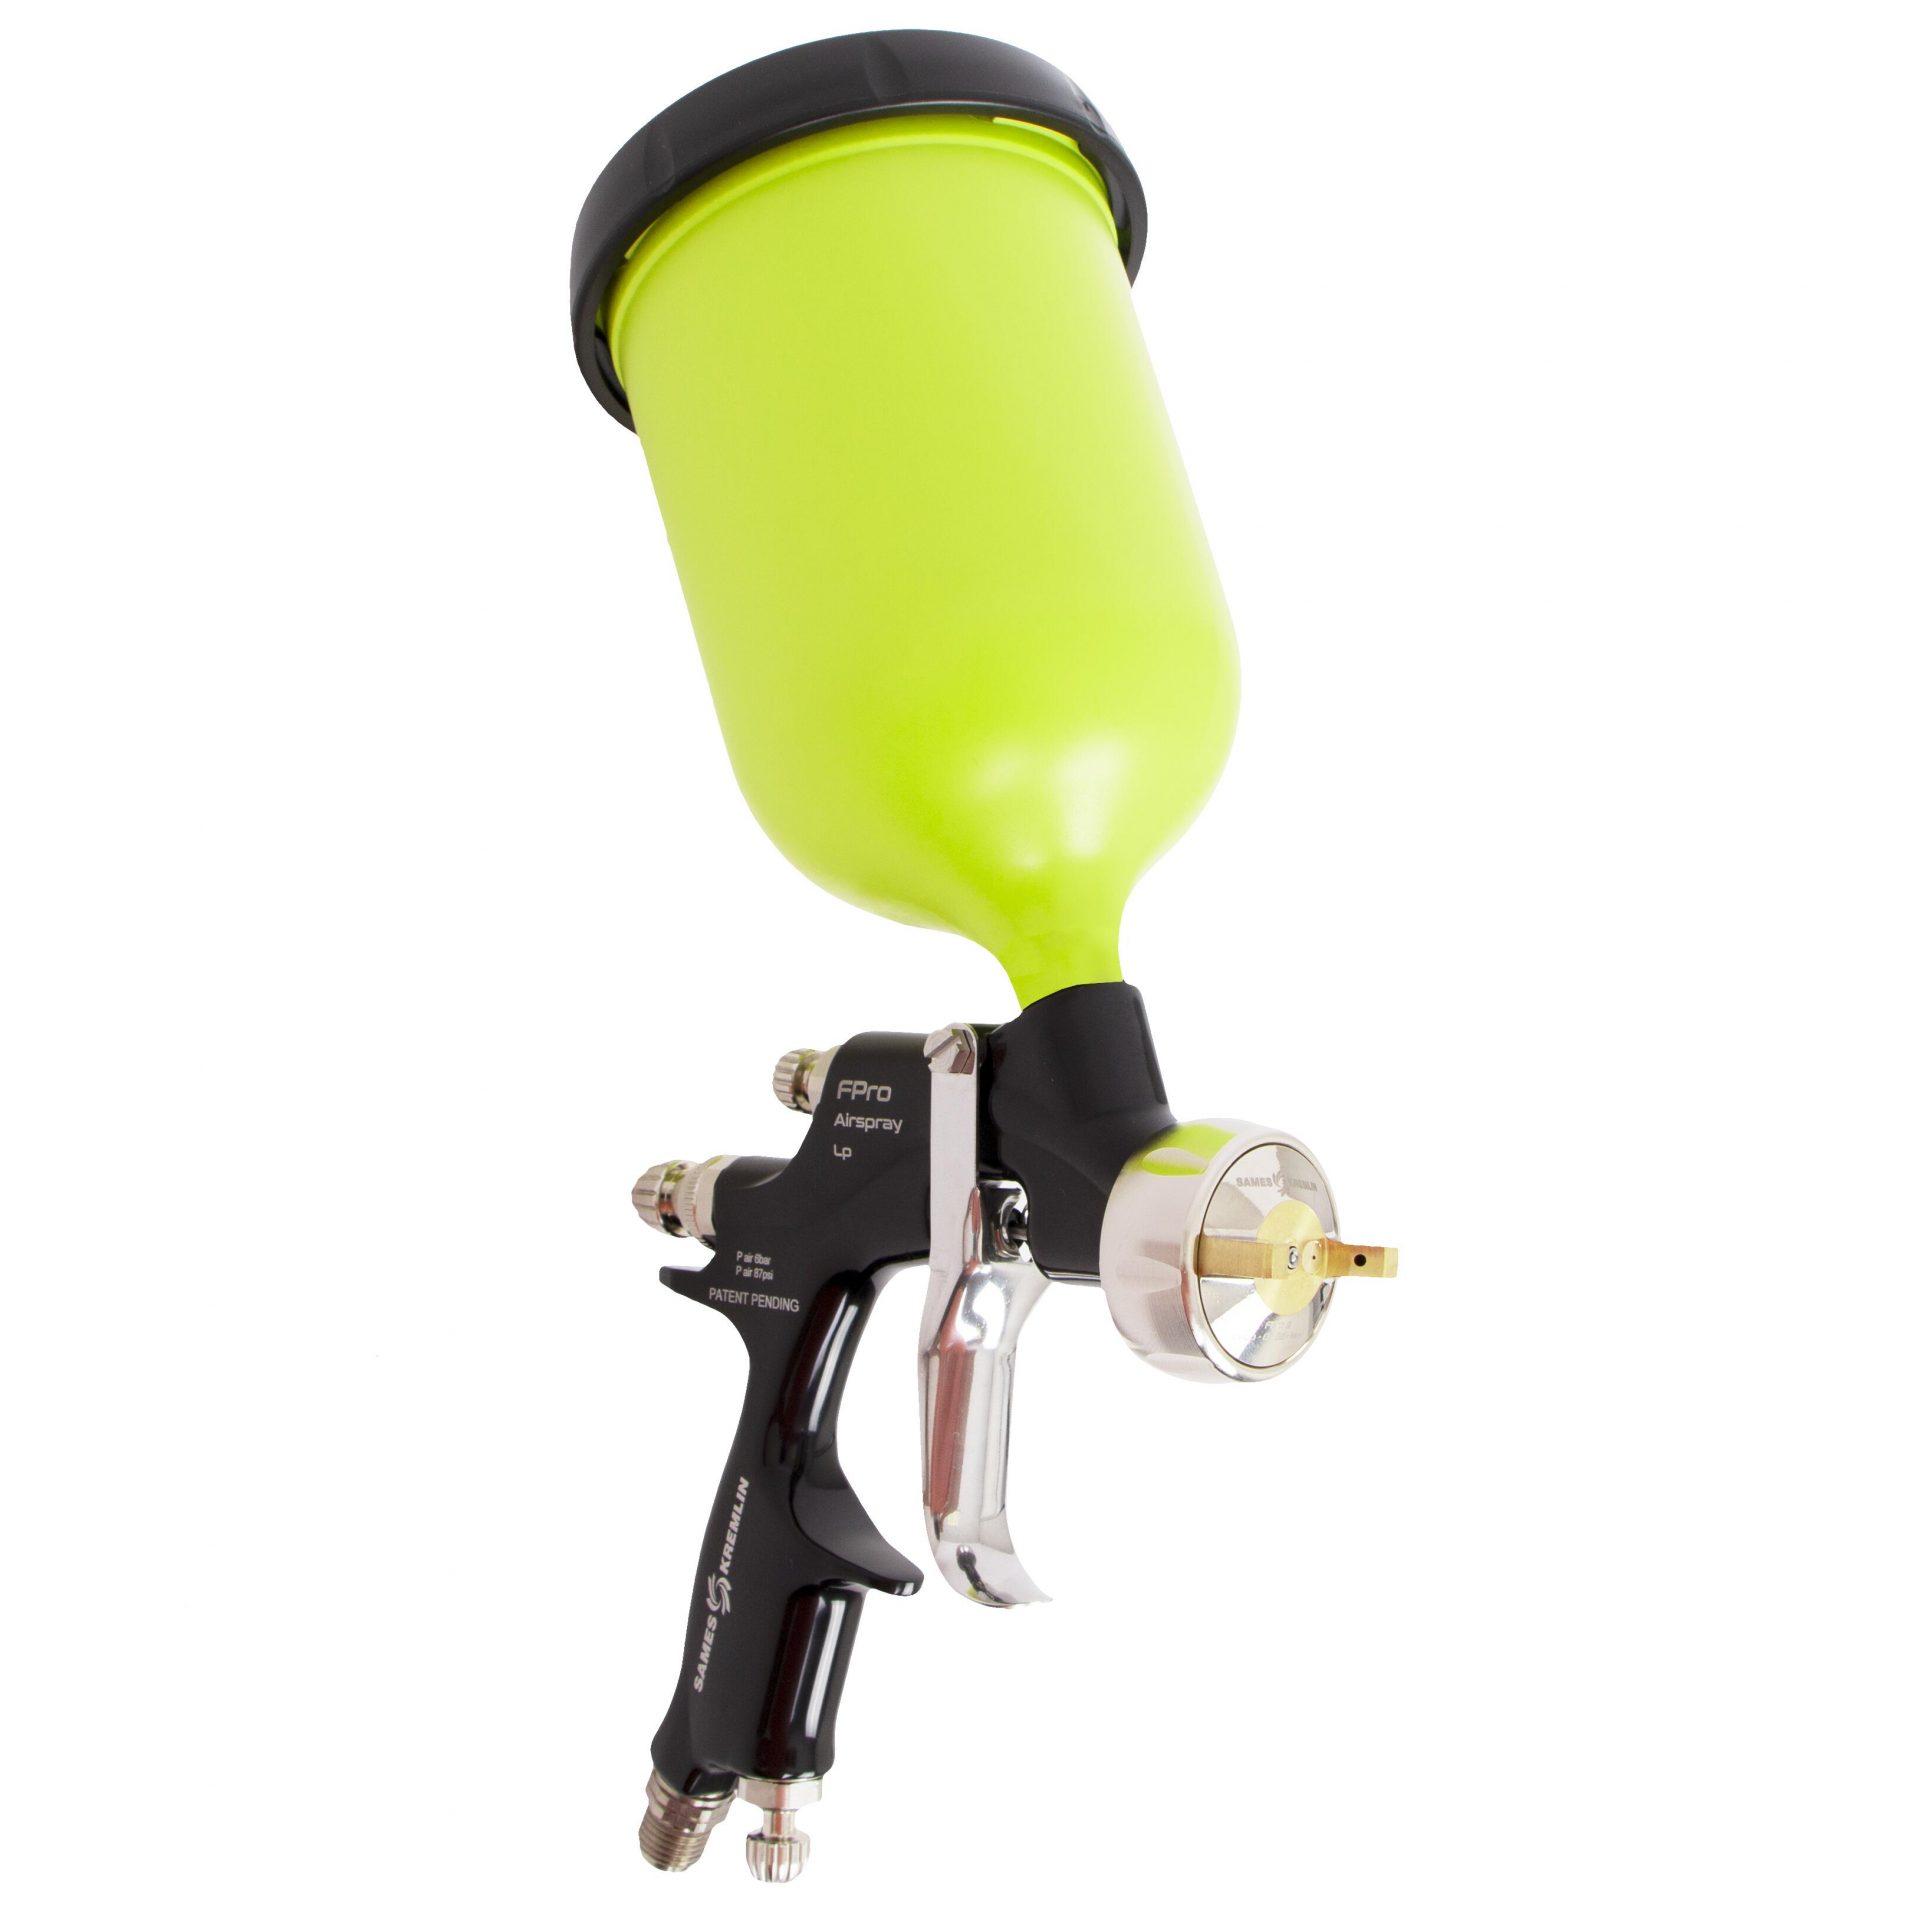 Kremlin FPRO G Pistolet manuel Airspray gravité